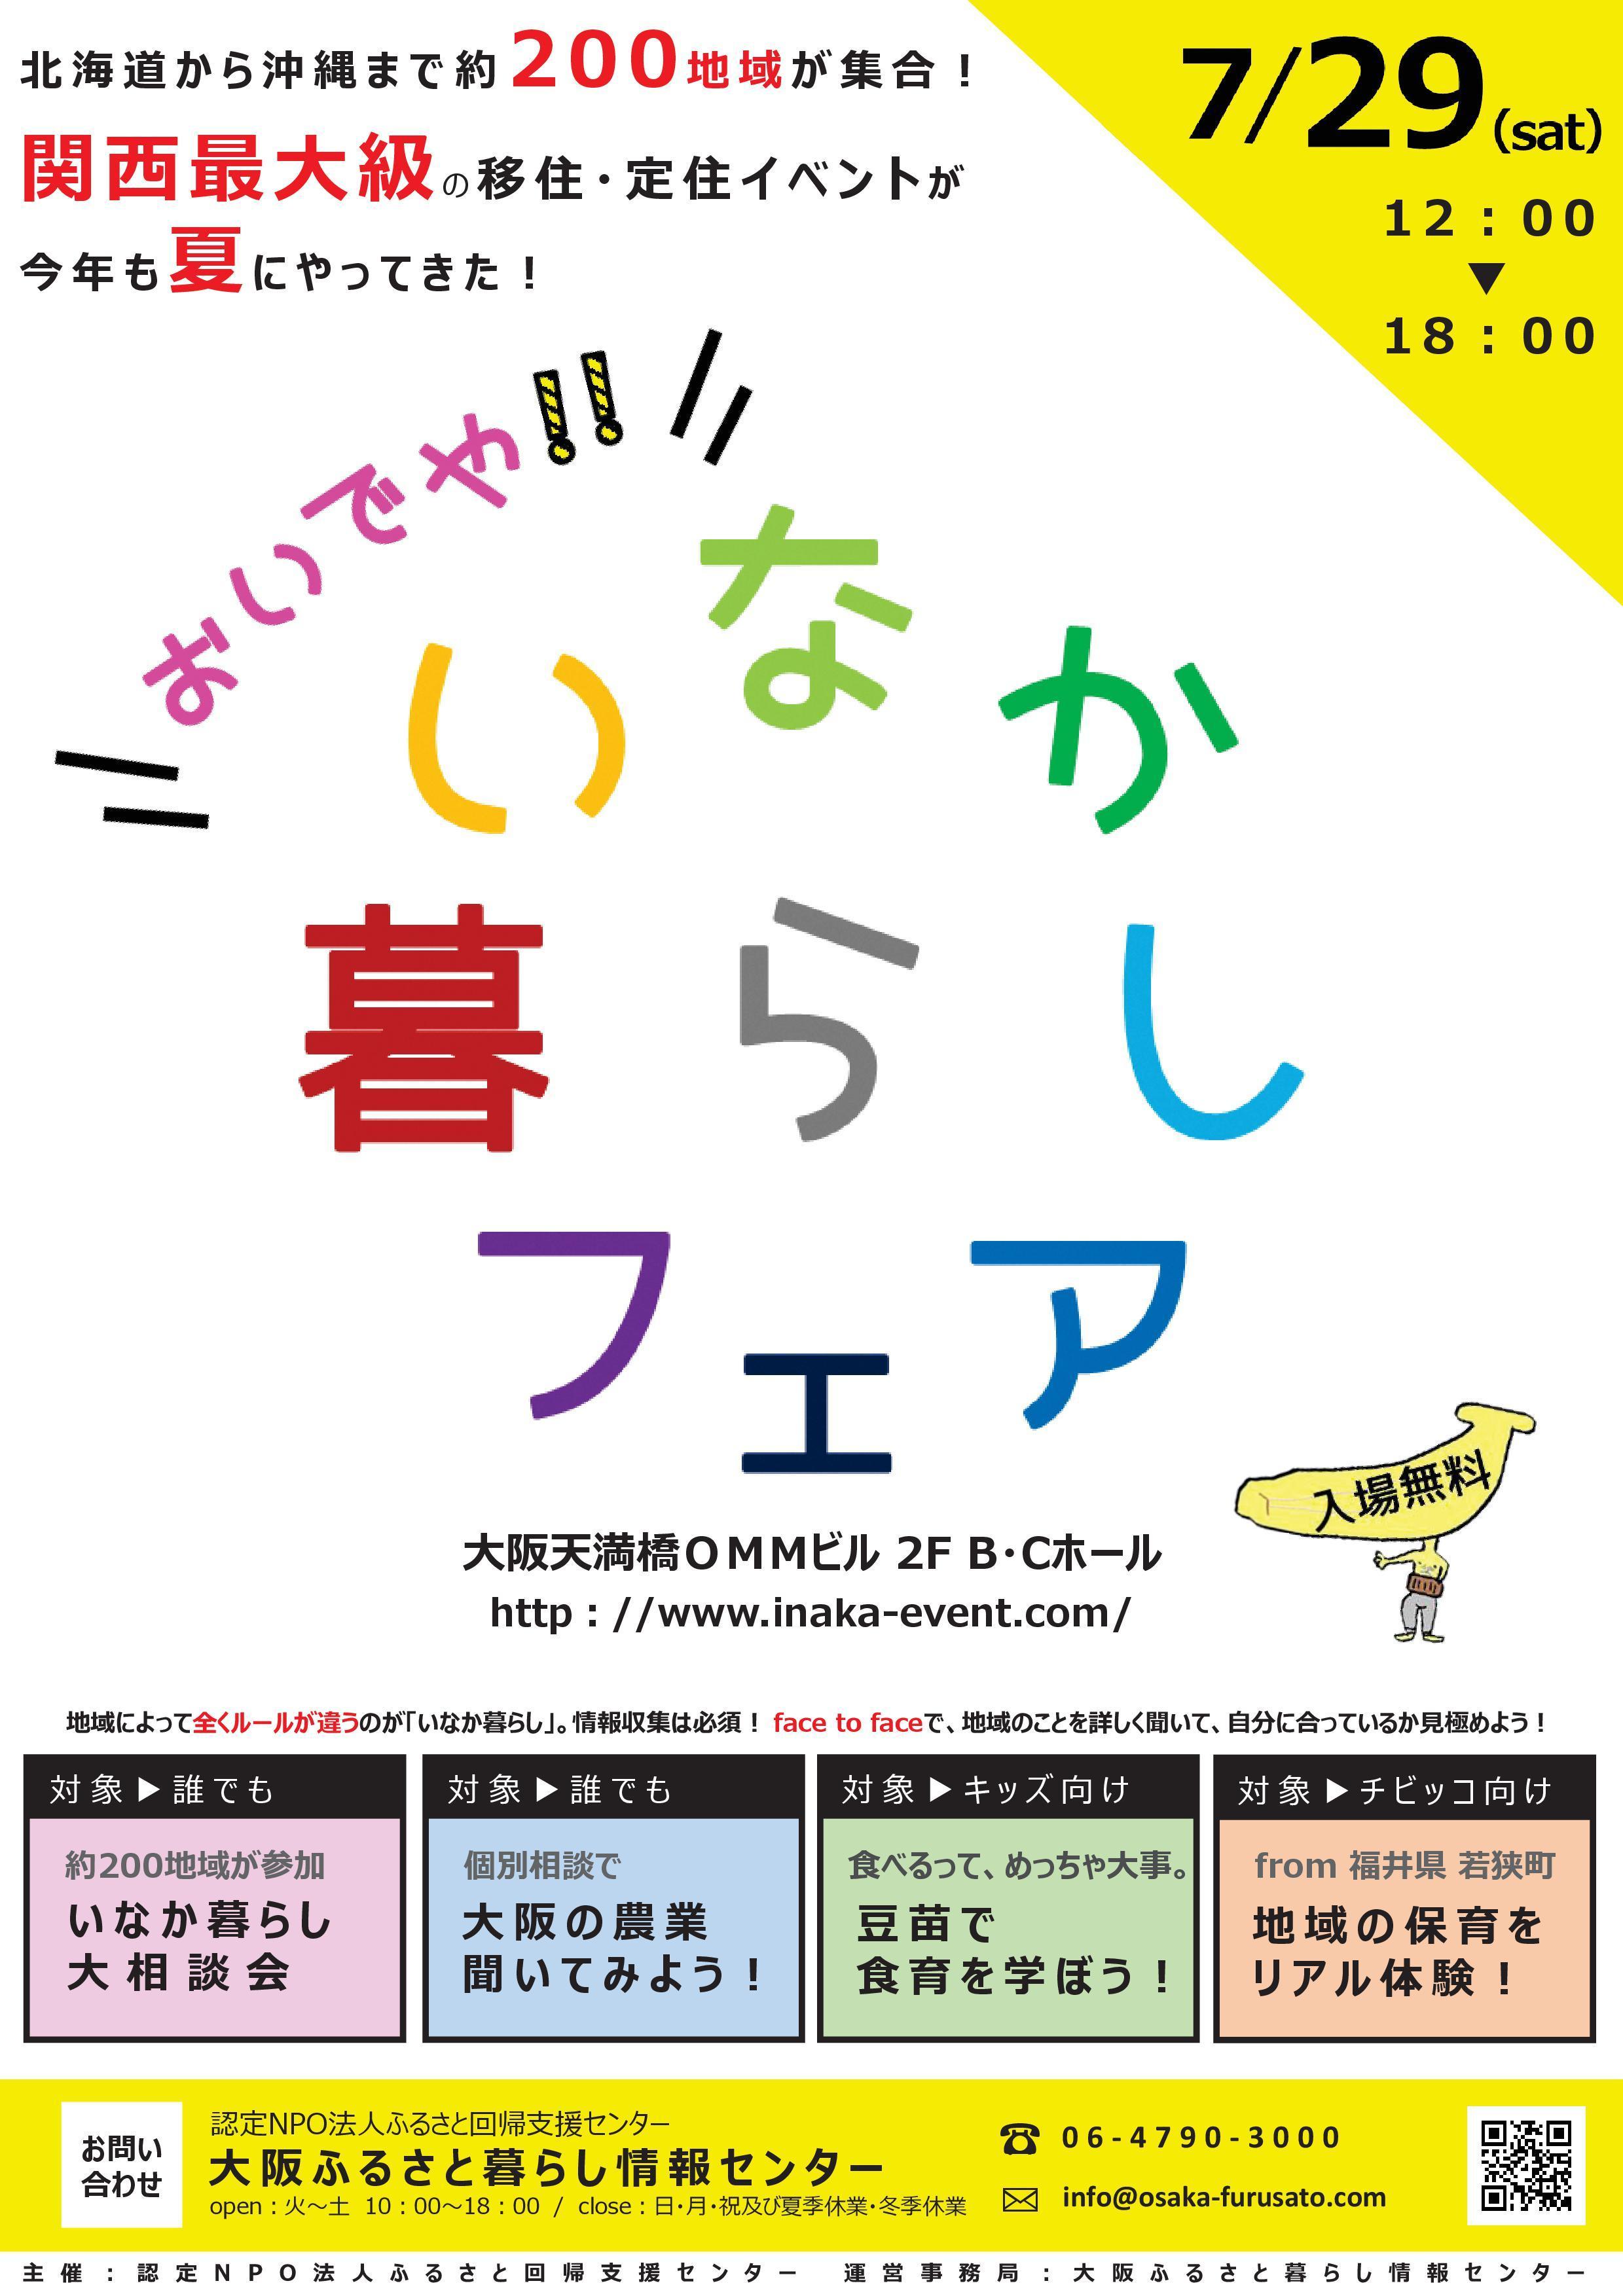 2017年7月29日(土) おいでや!!いなか暮らしフェアに津山市も参加します